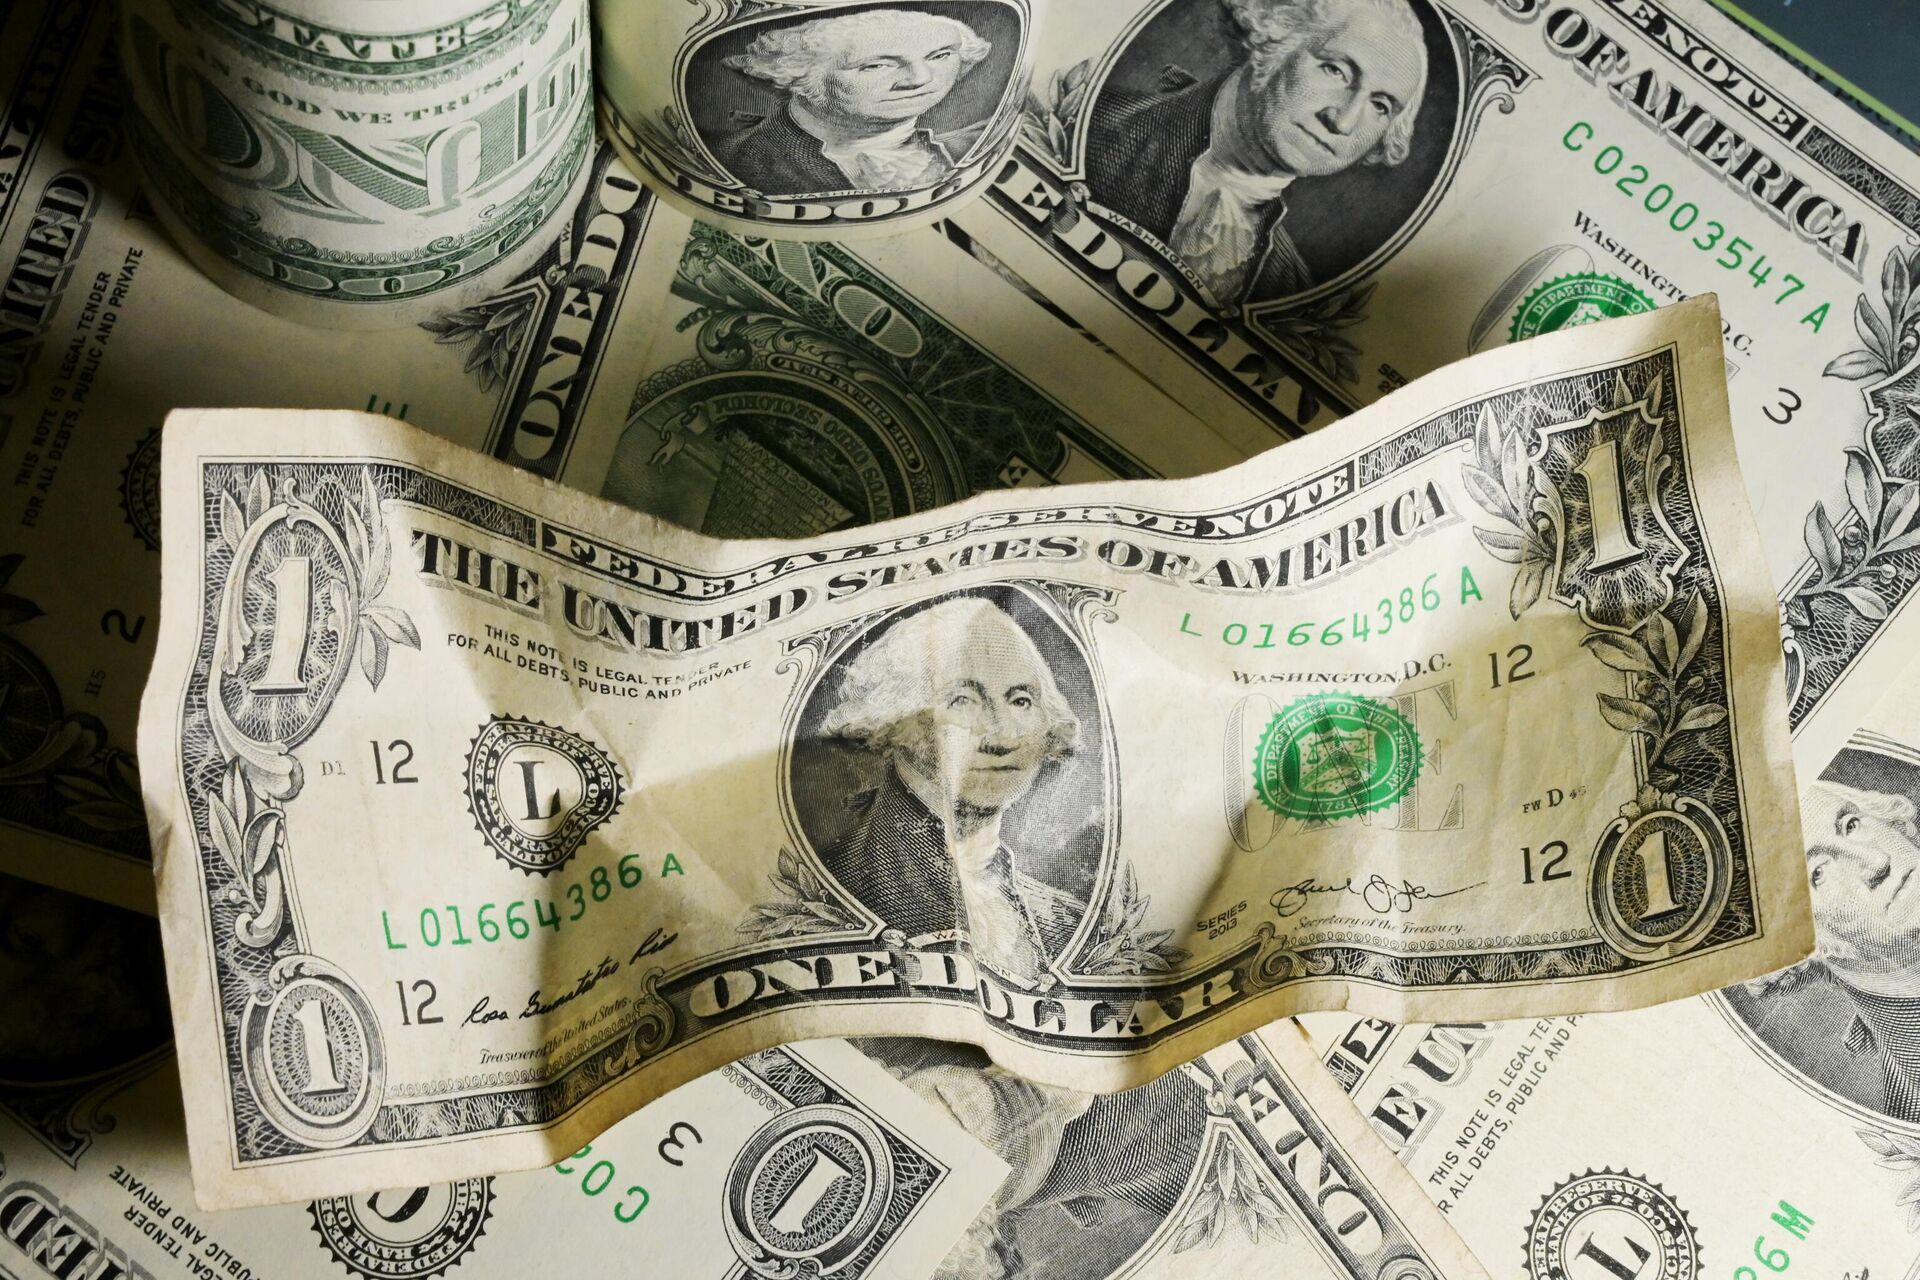 Американские доллары - РИА Новости, 1920, 19.01.2021